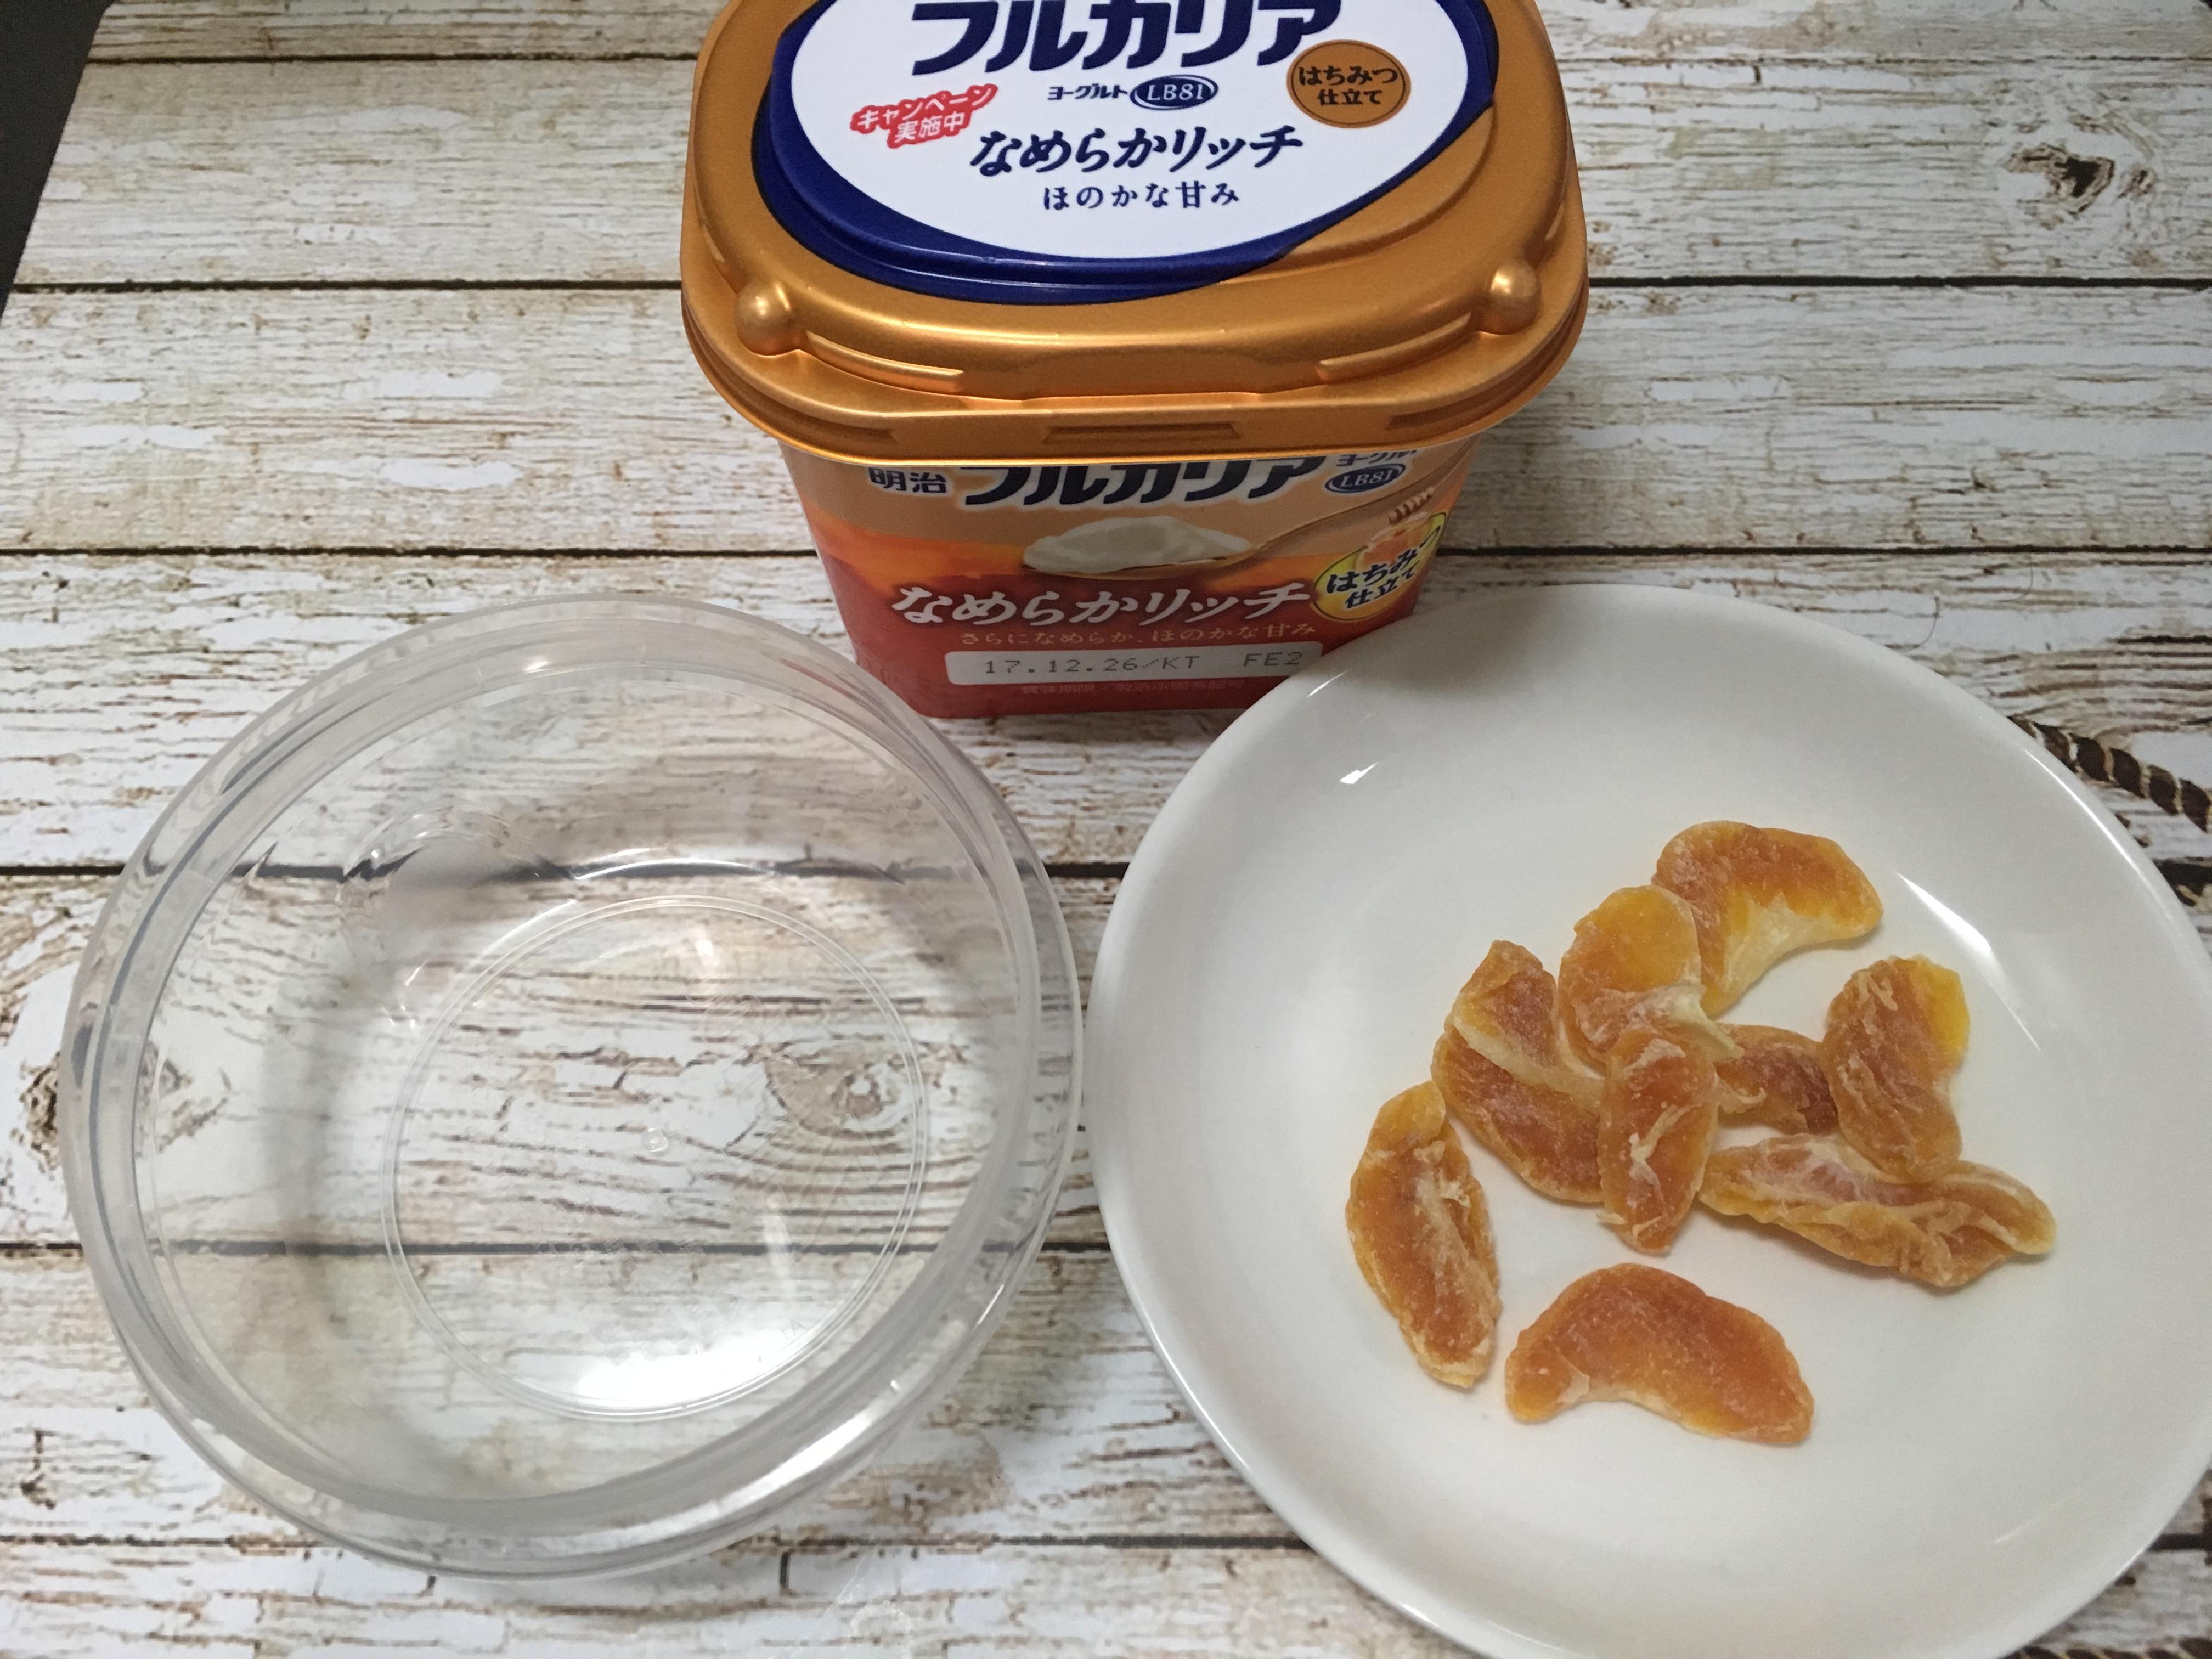 ドライフルーツのレシピ